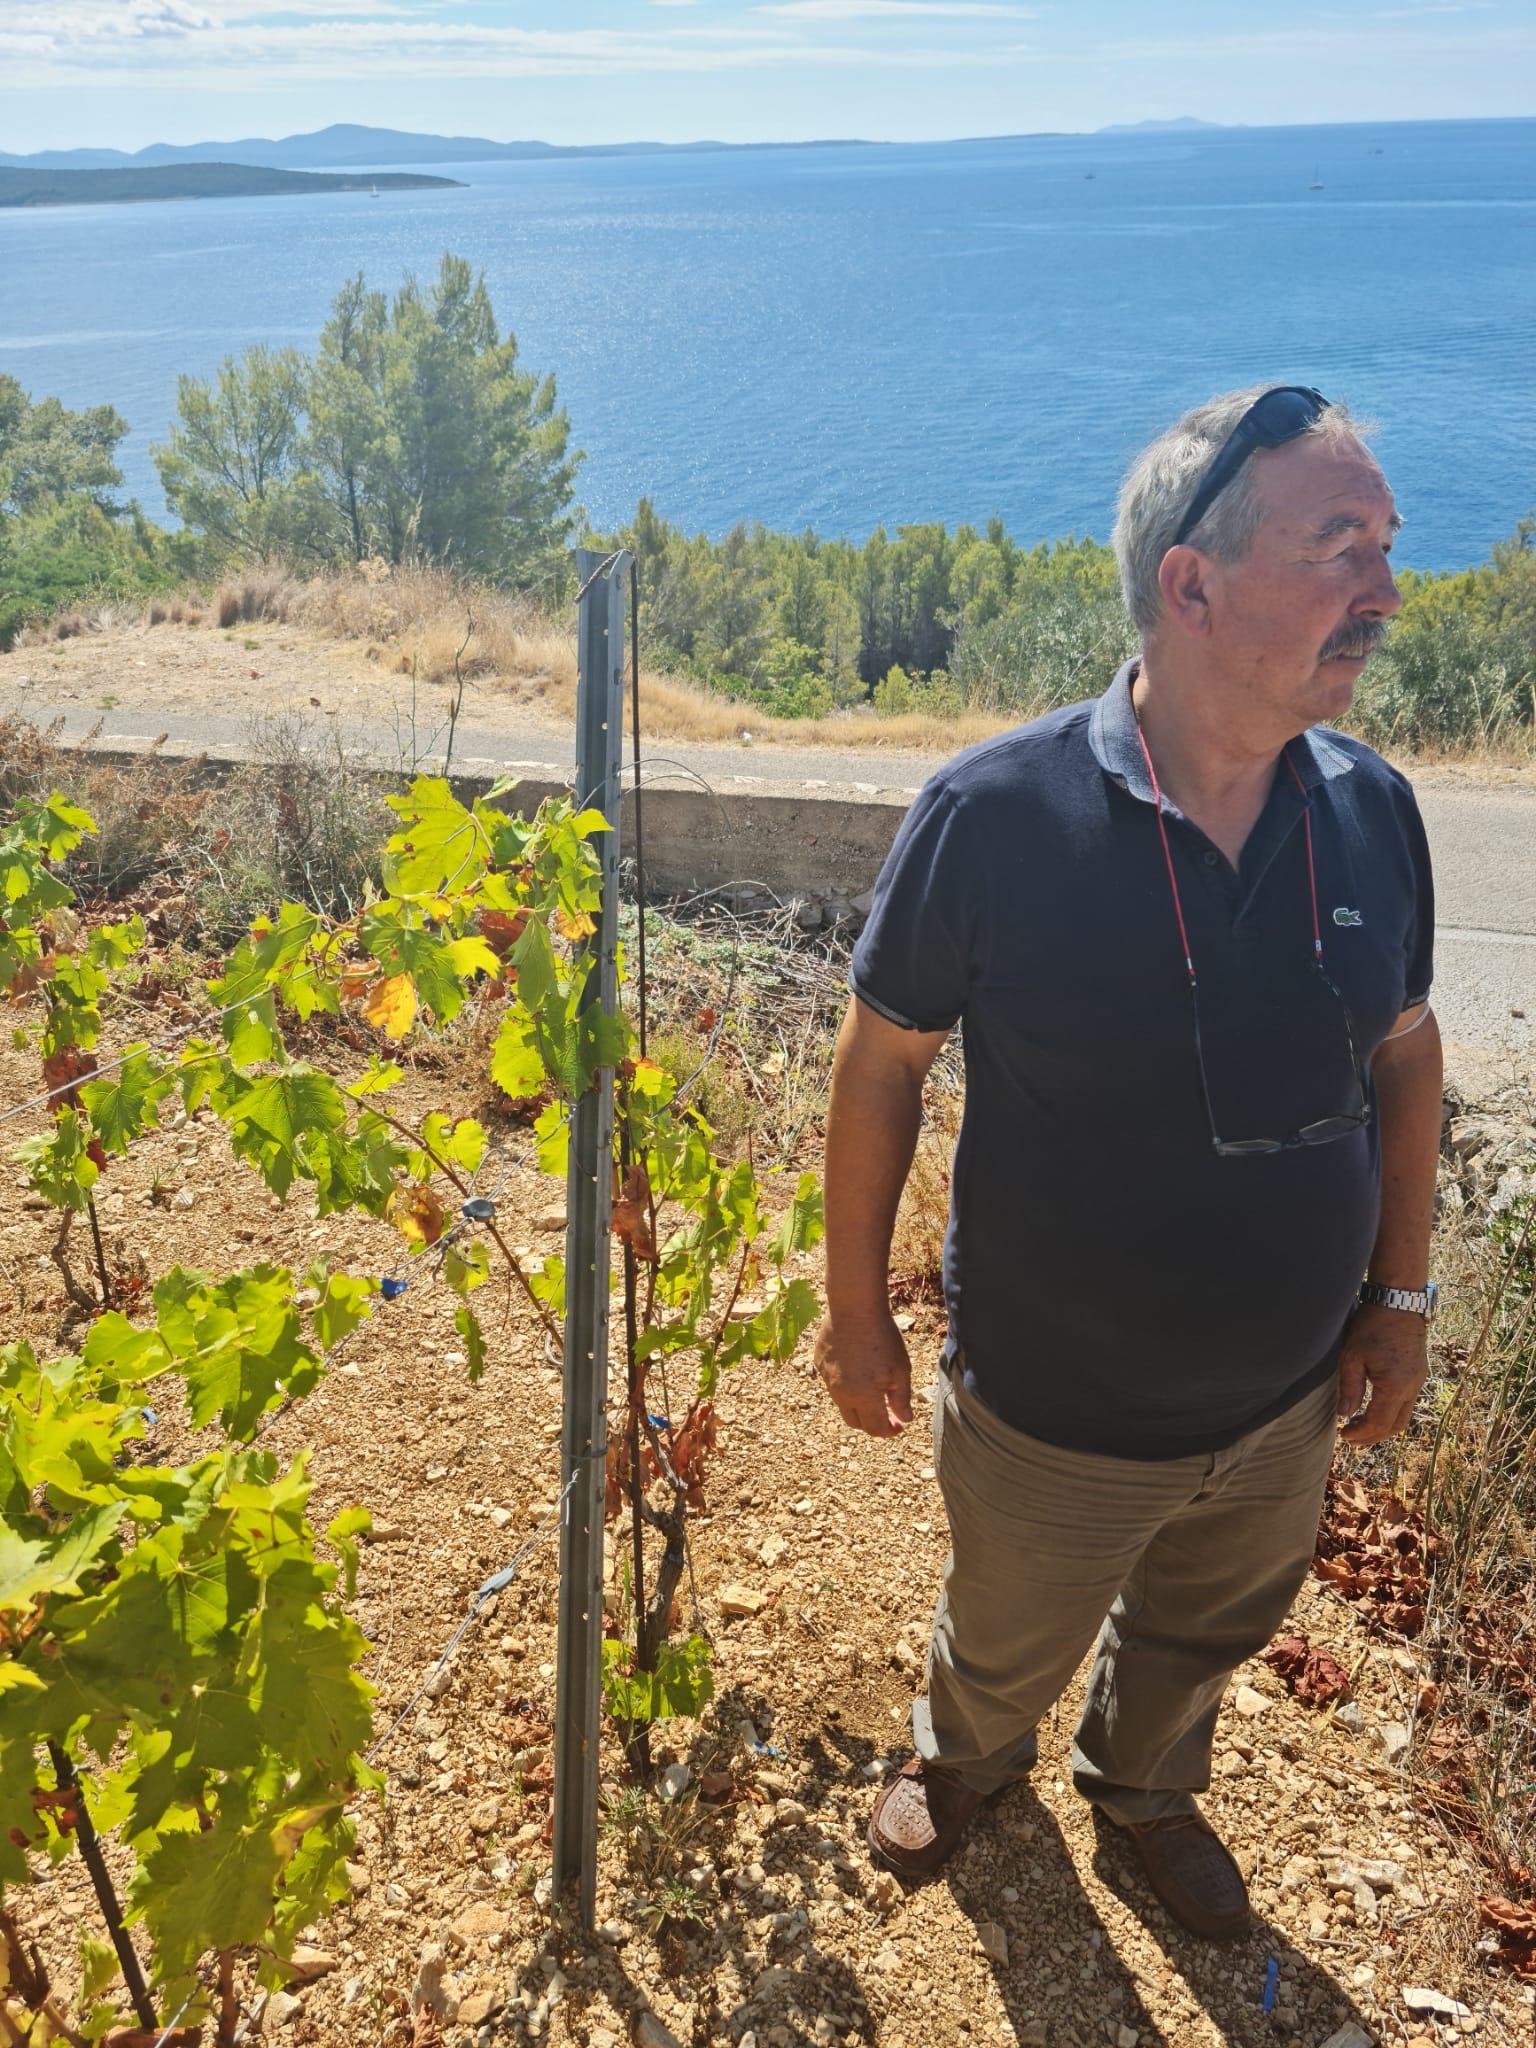 OPG CARIĆ ANDRIJA - kupnja poljoprivredne mehanizacije i sadnja vinove loze